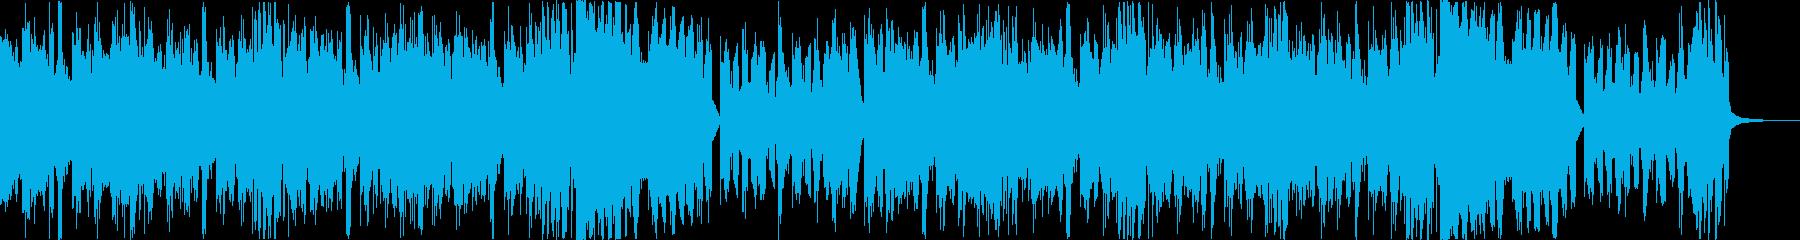 スタイリッシュ・アグレッシブエレクトロeの再生済みの波形